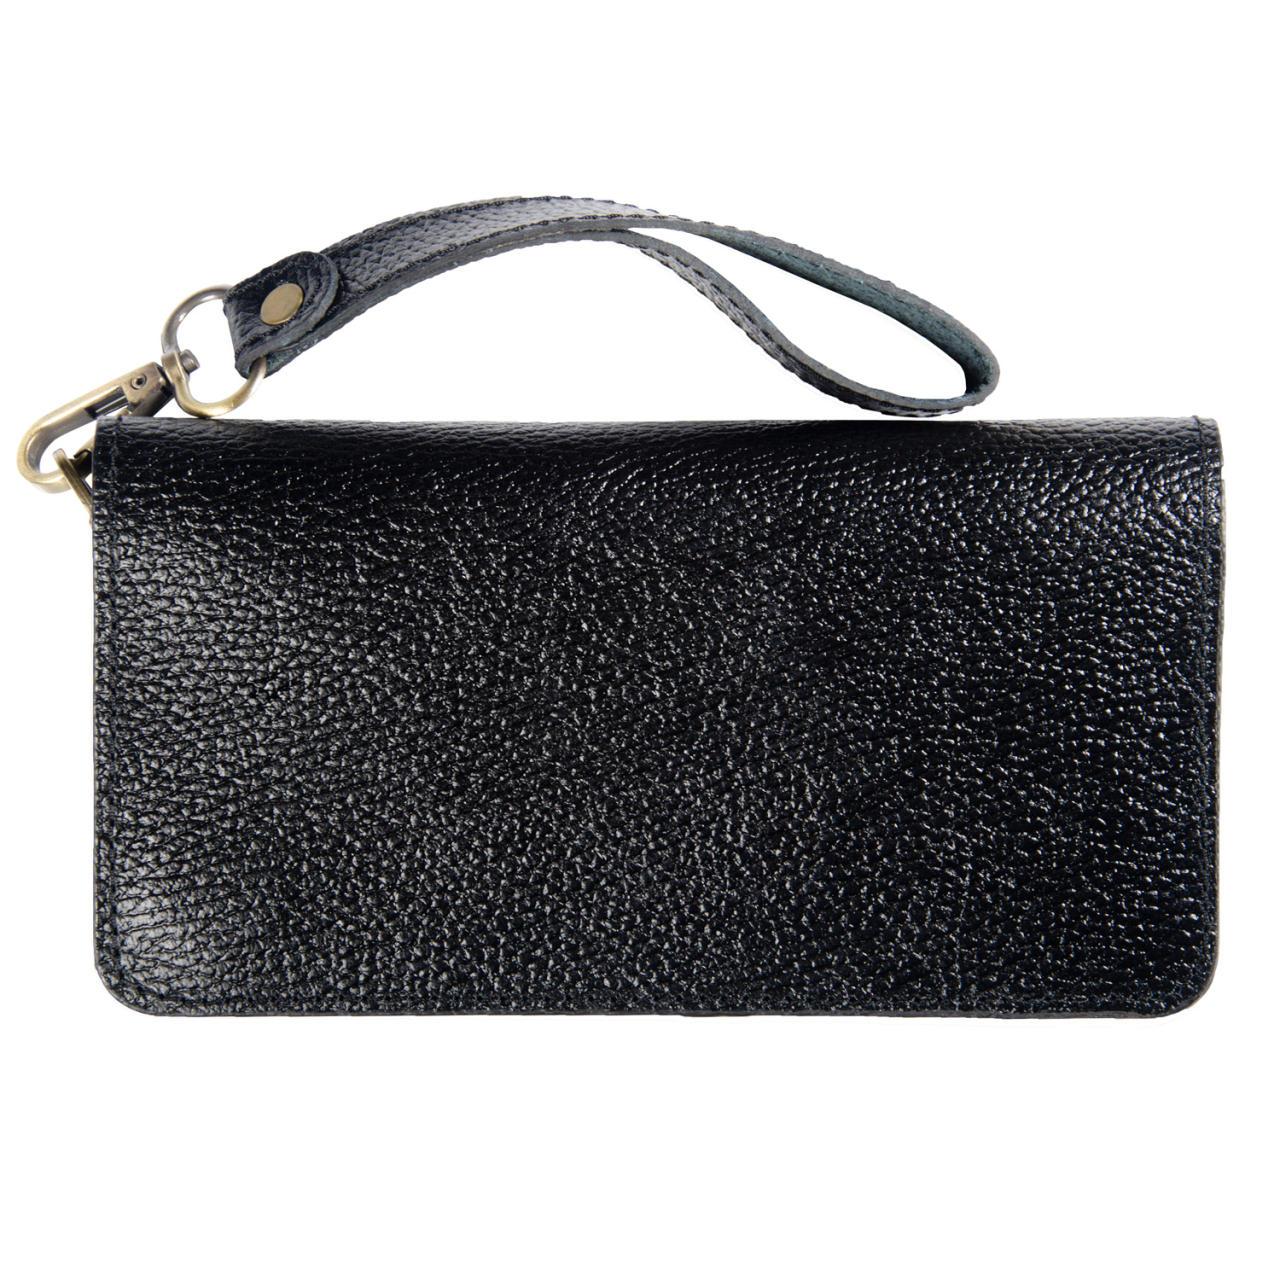 کیف دستی چرمینه اسپرت کد 79SHB-FL